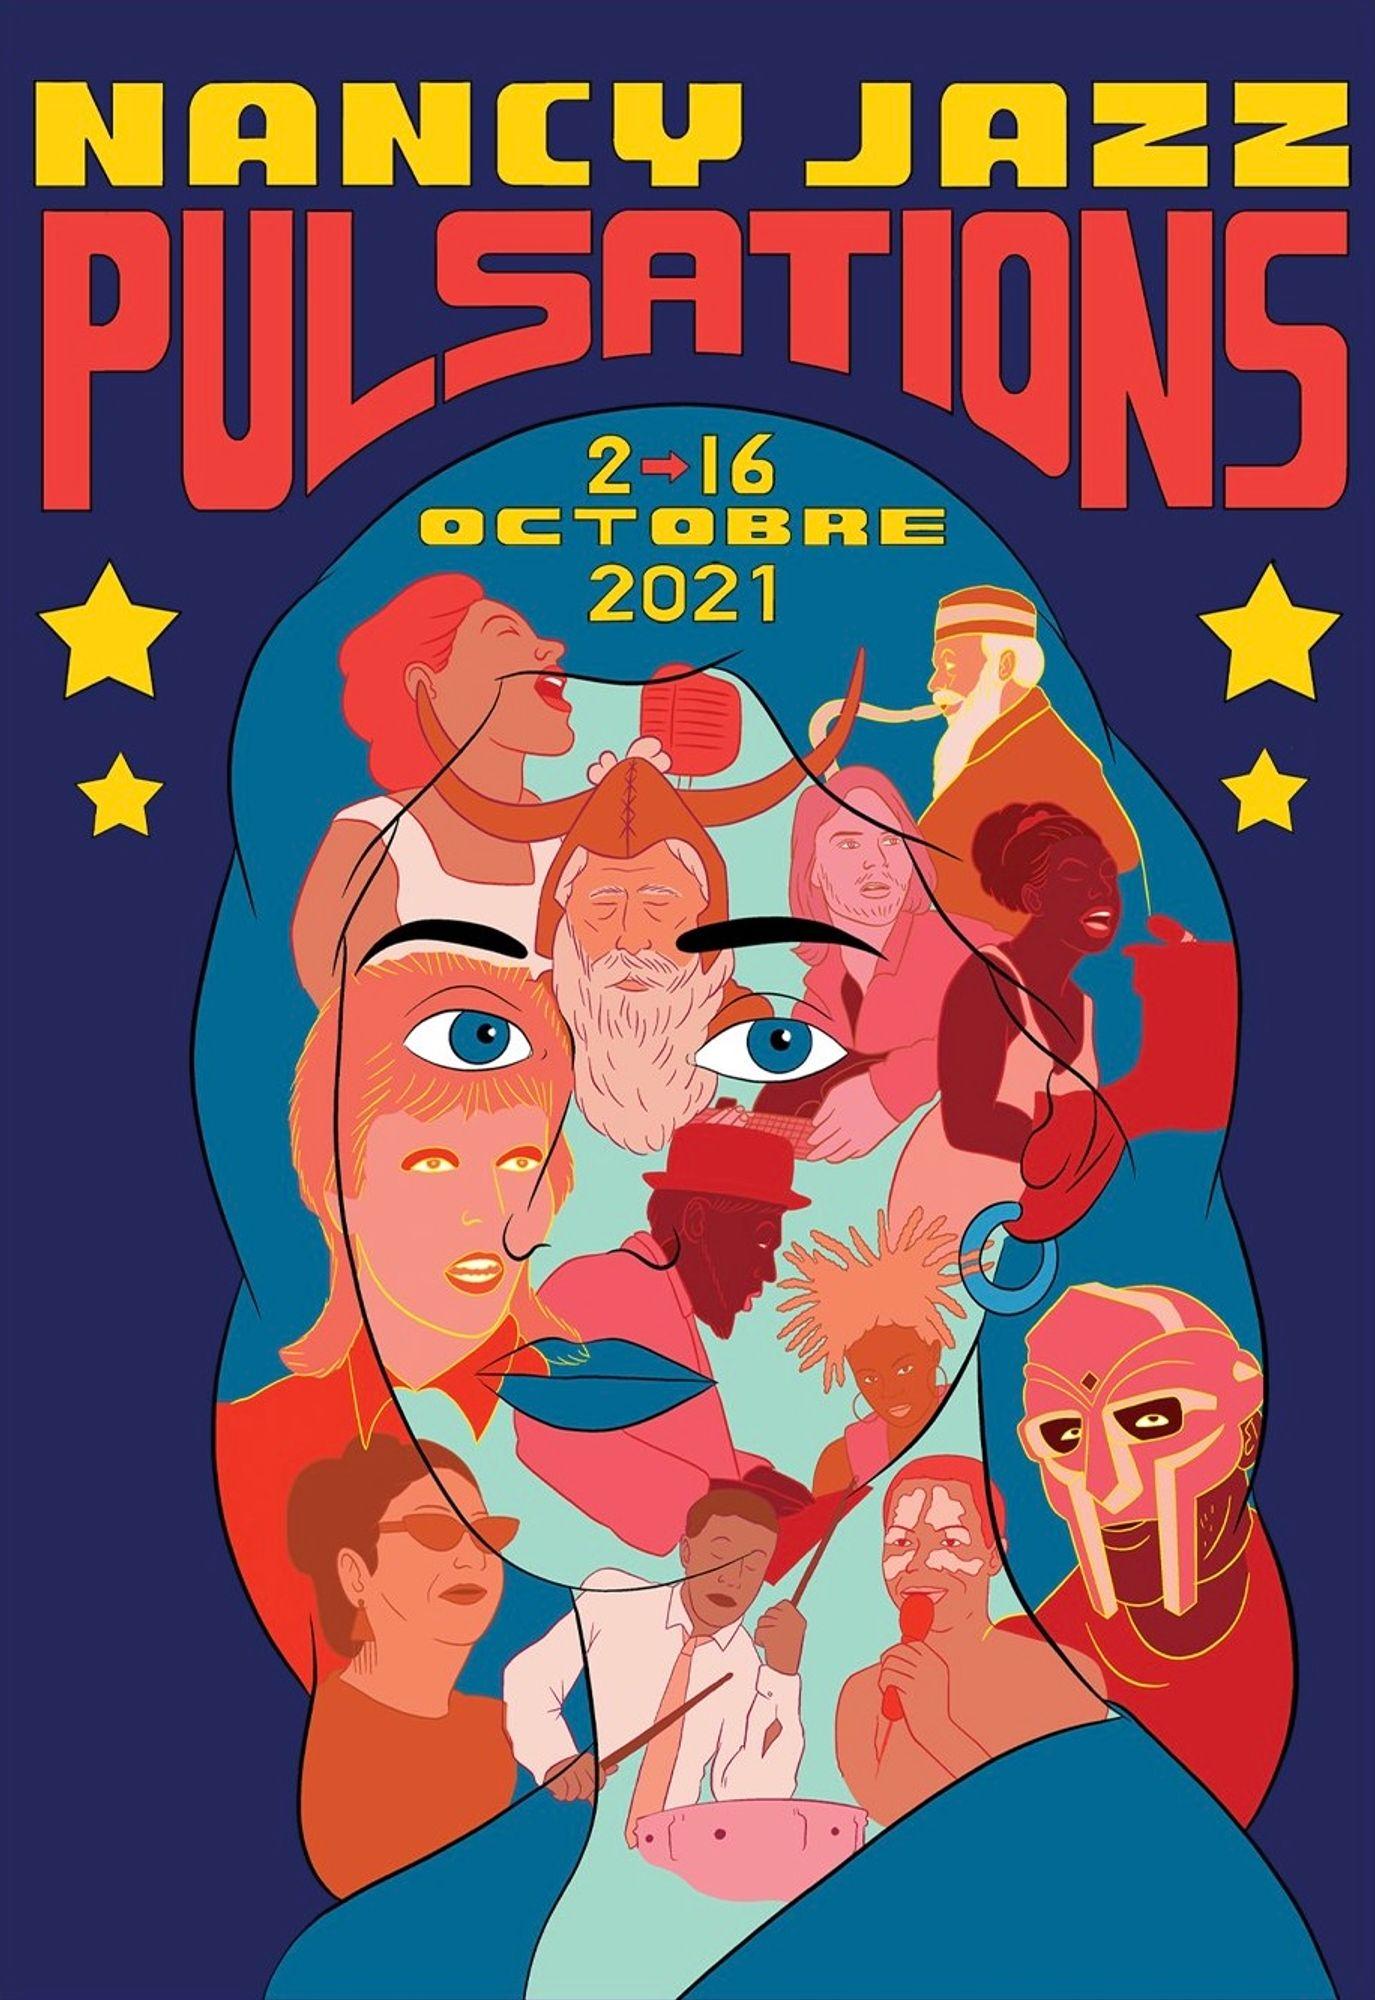 La 48ème édition du Nancy Jazz Pulsations se dévoile